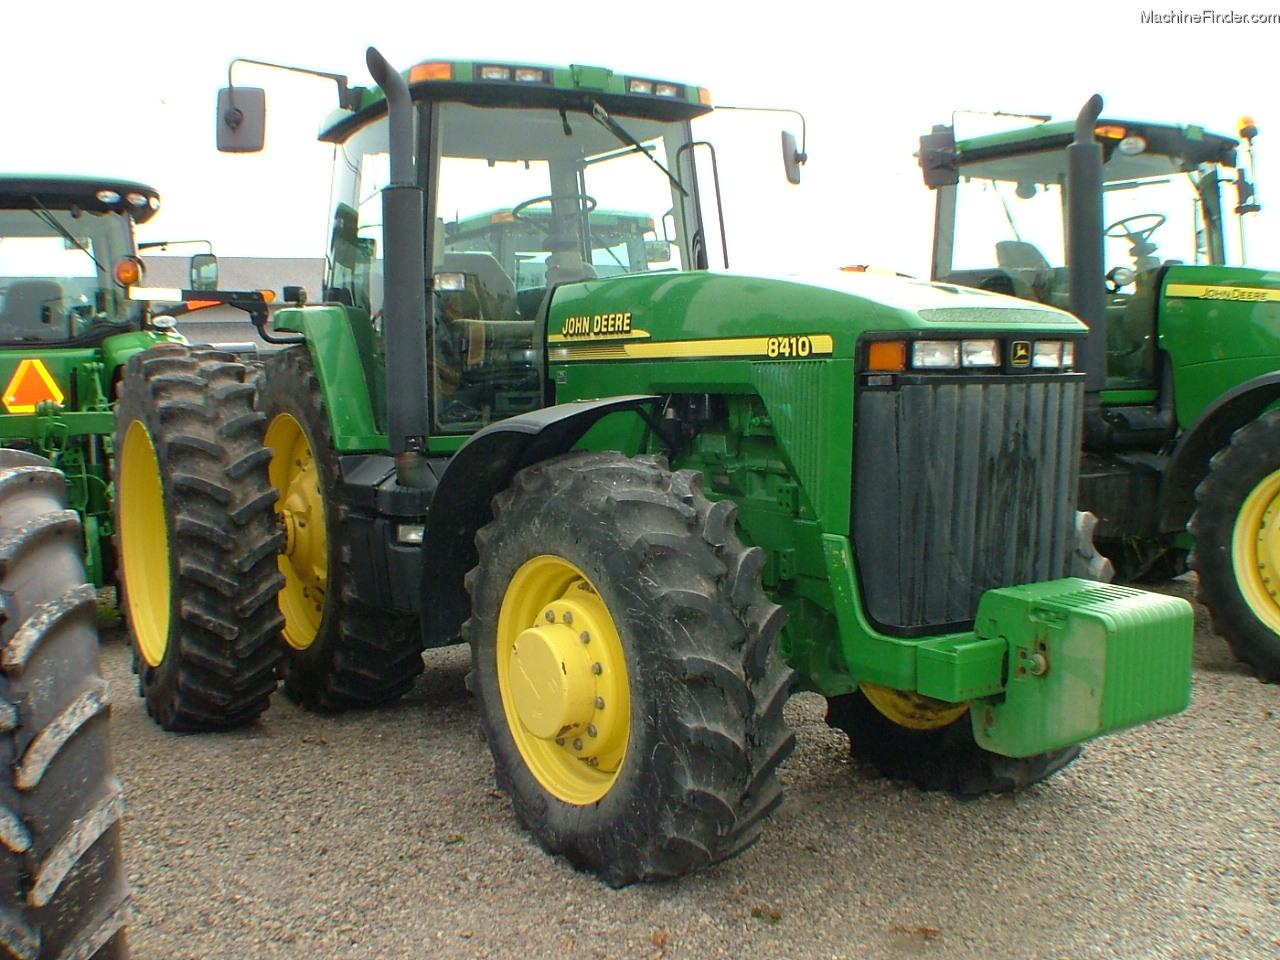 2001 John Deere 8410 Tractors - Row Crop (+100hp) - John ...